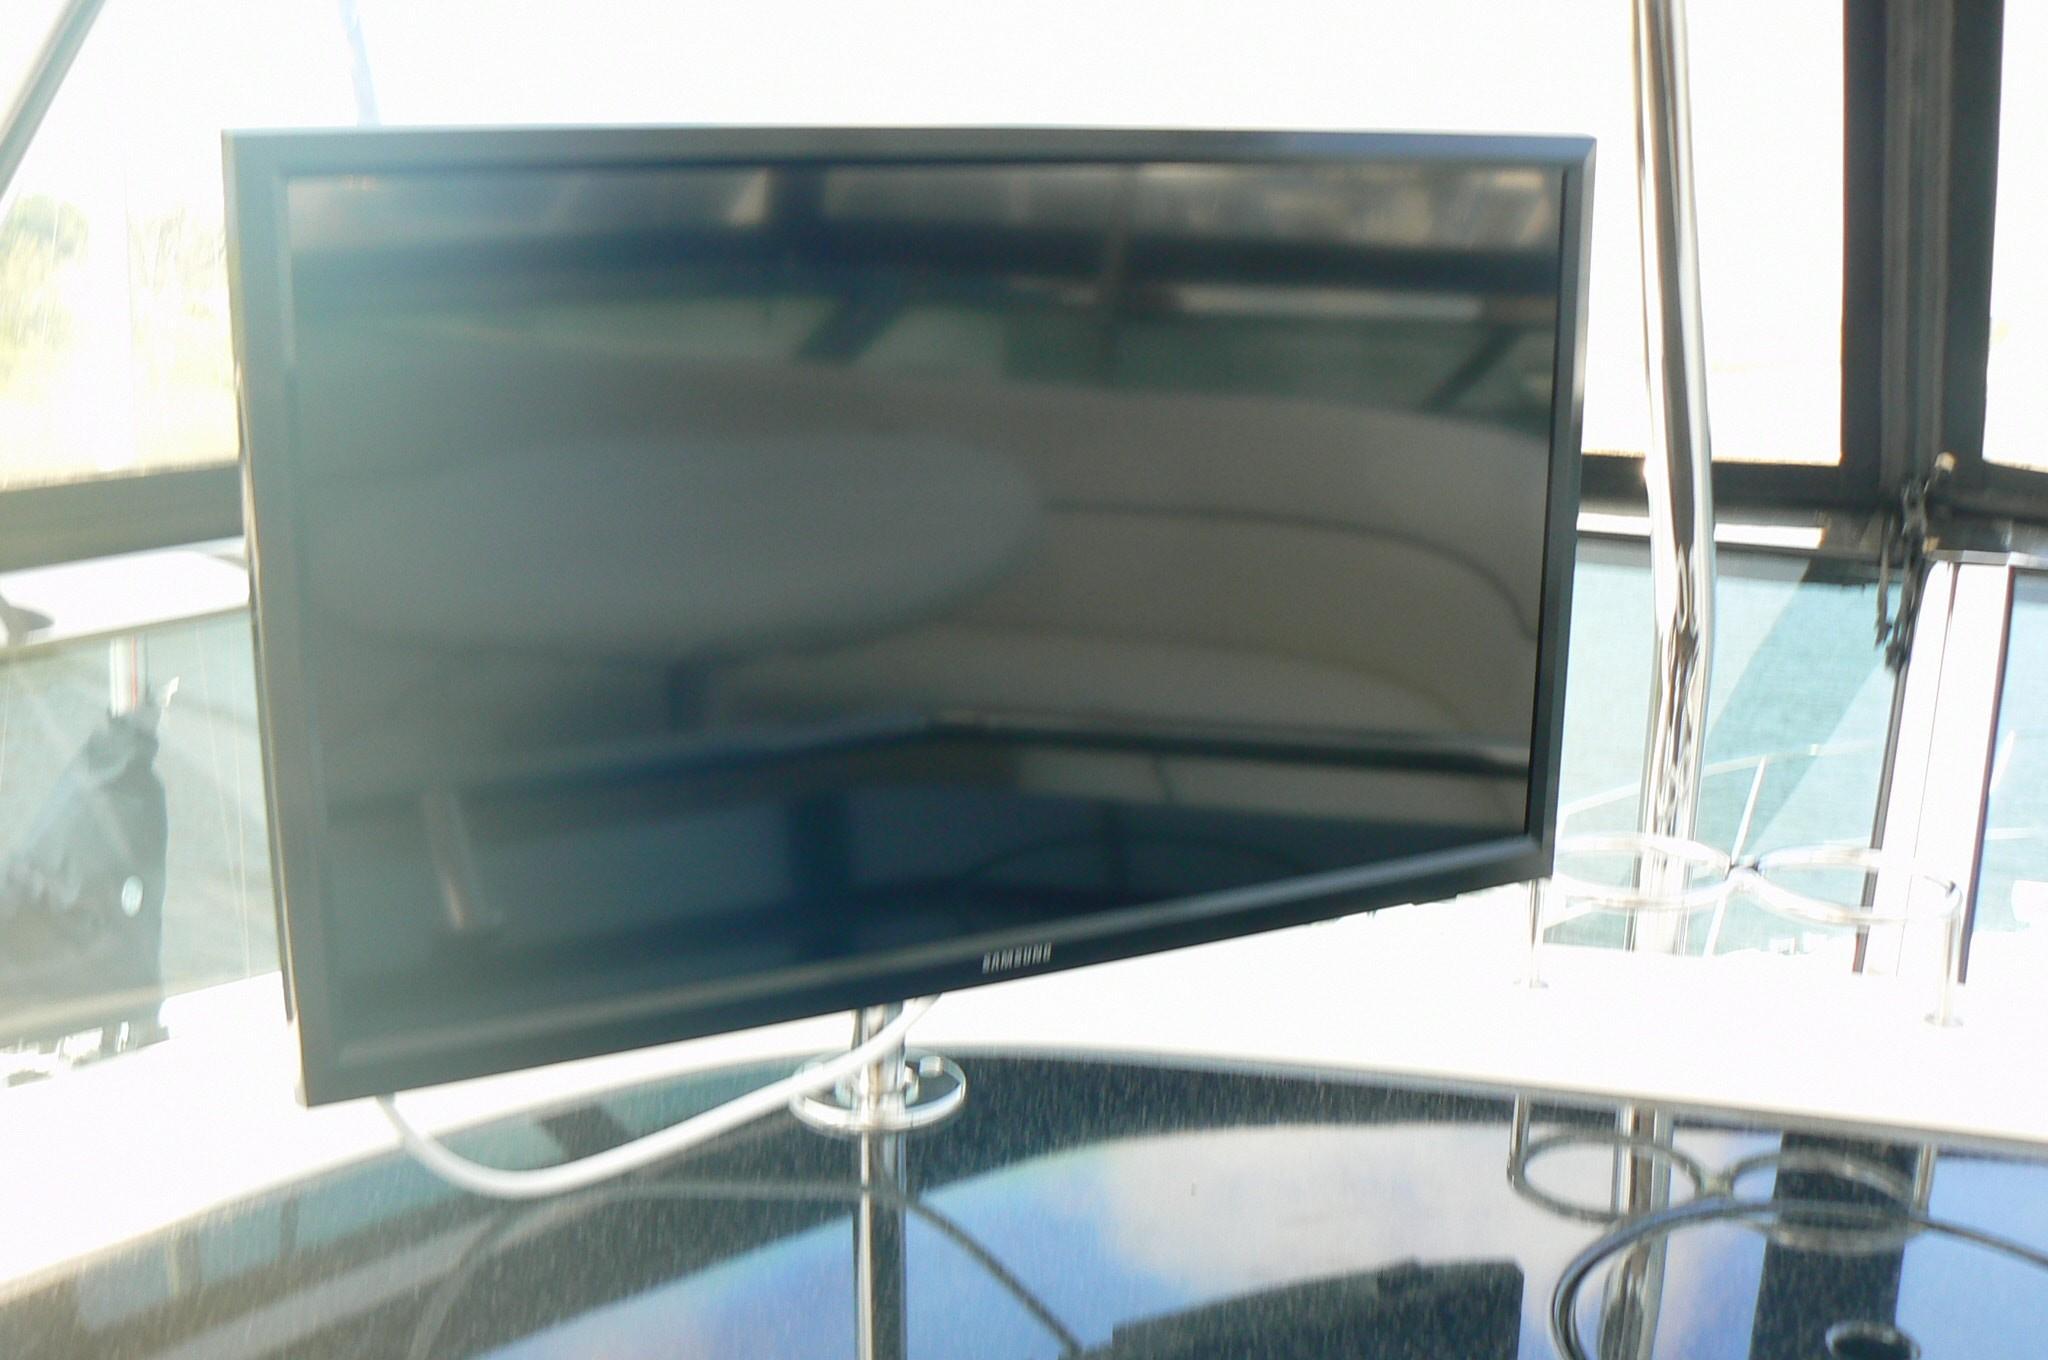 Helm TV